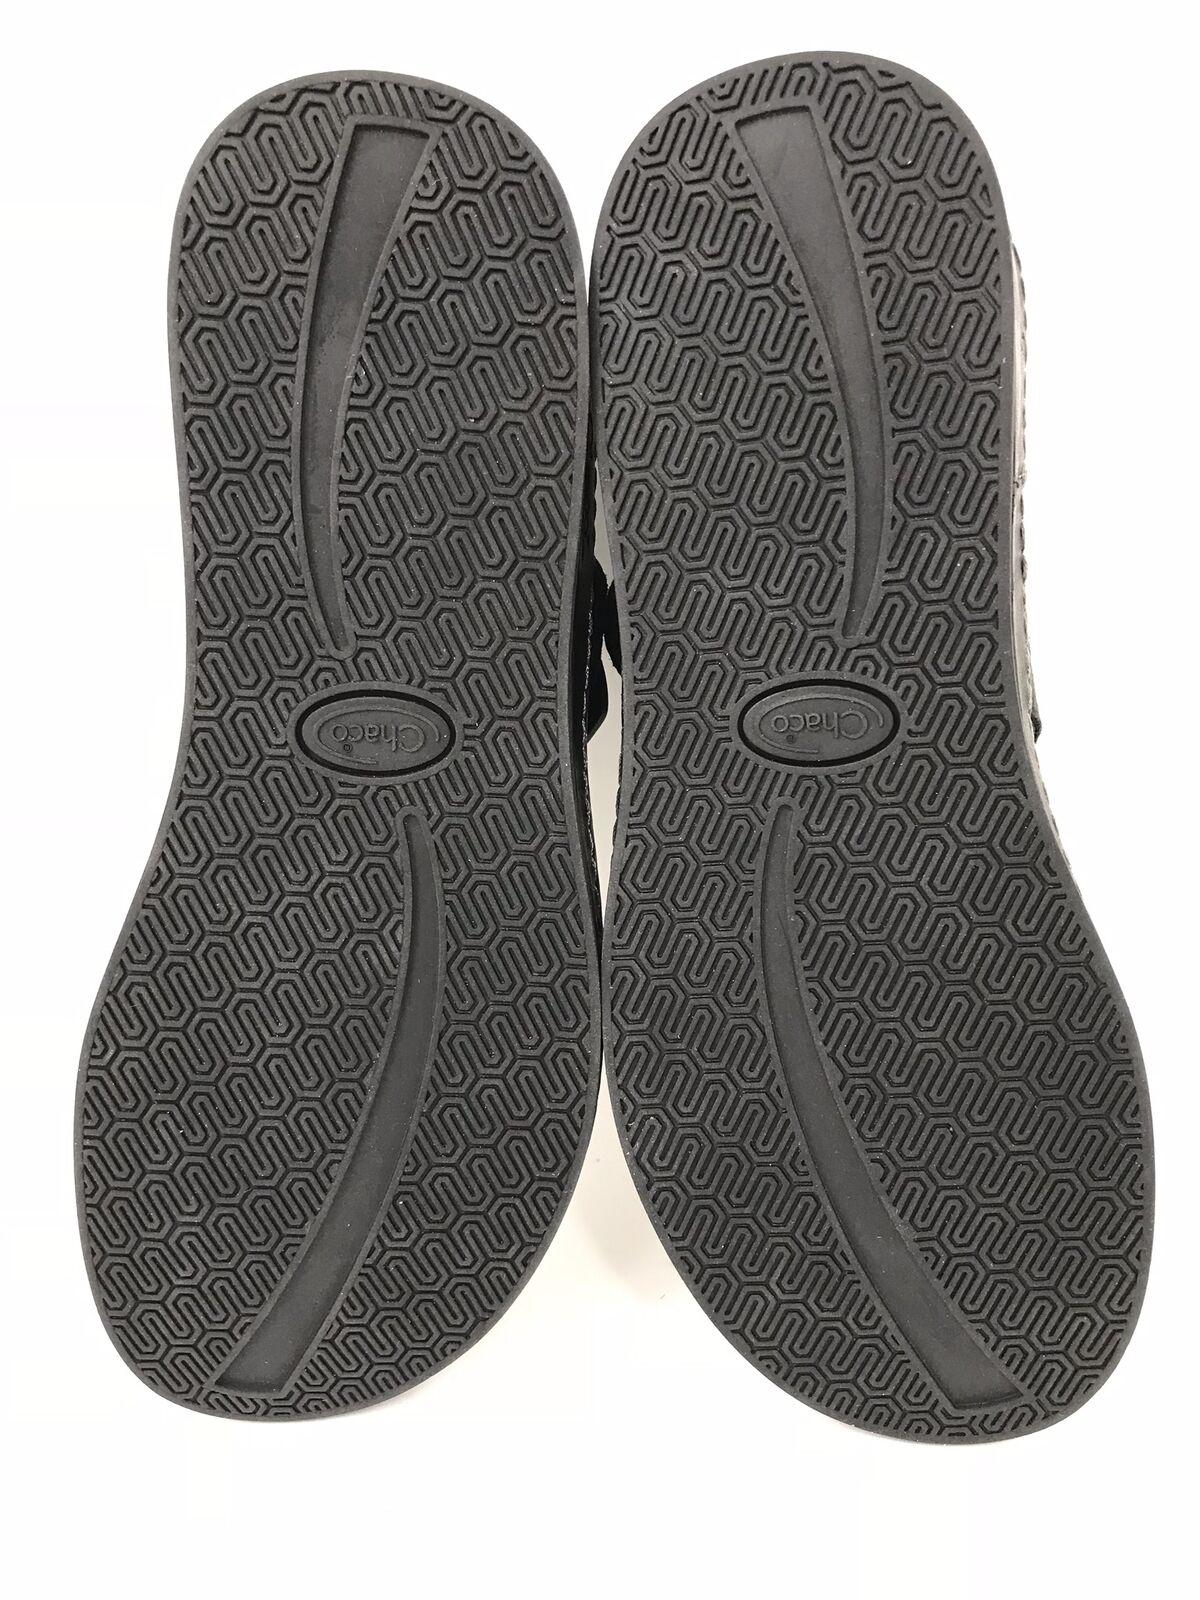 Nuevo Sandalias Chaco para mujer Sydney, Sydney, mujer J106136, Negro, US tamaño 7 844ce8